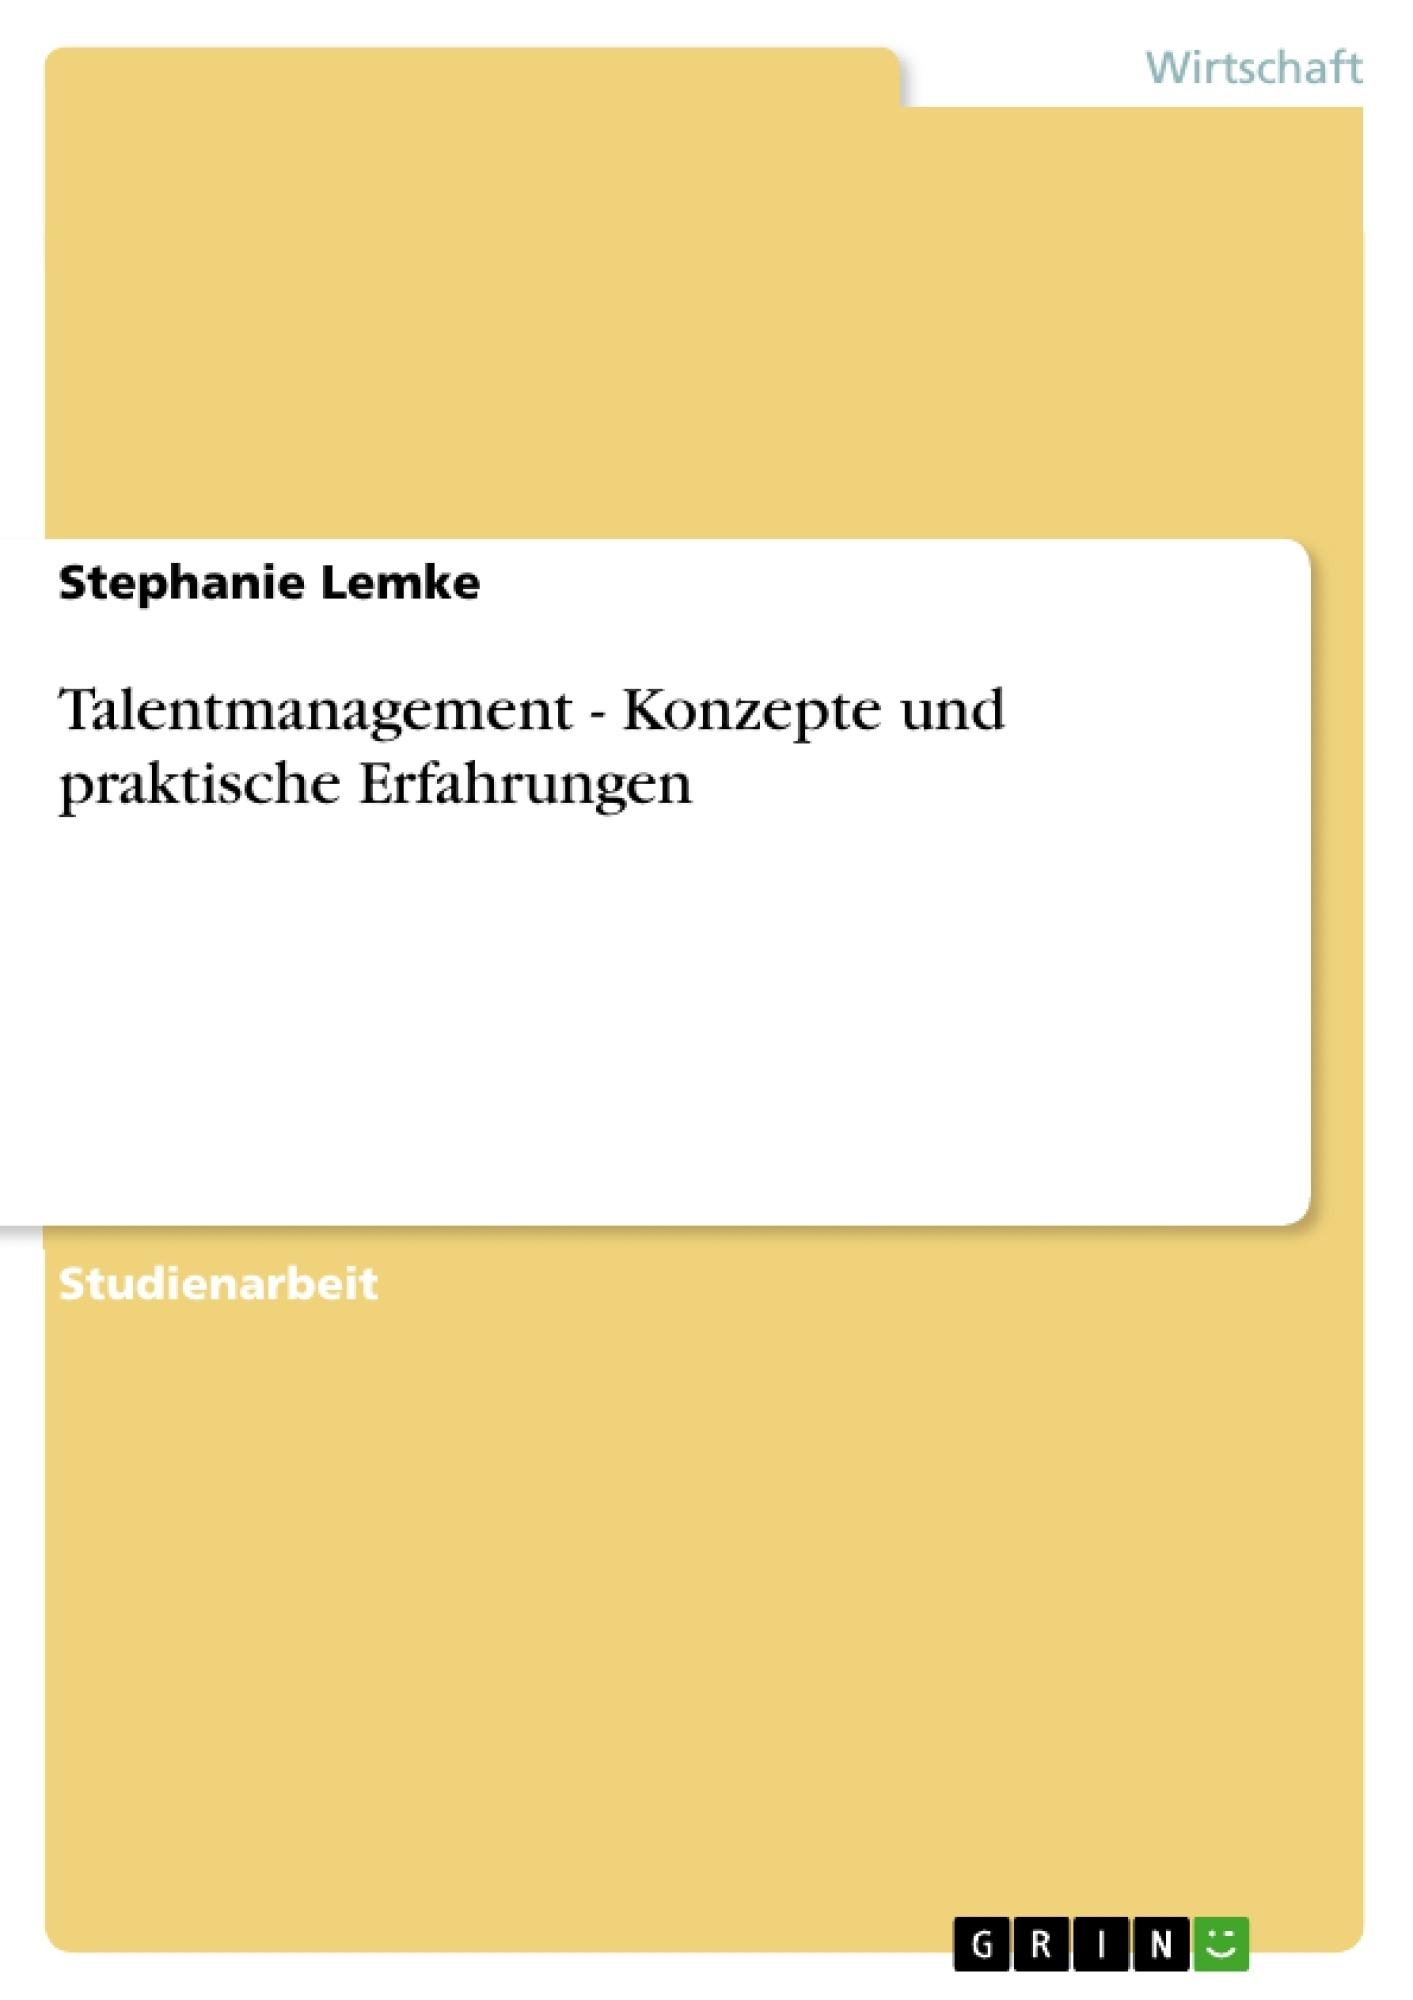 Titel: Talentmanagement - Konzepte und praktische Erfahrungen